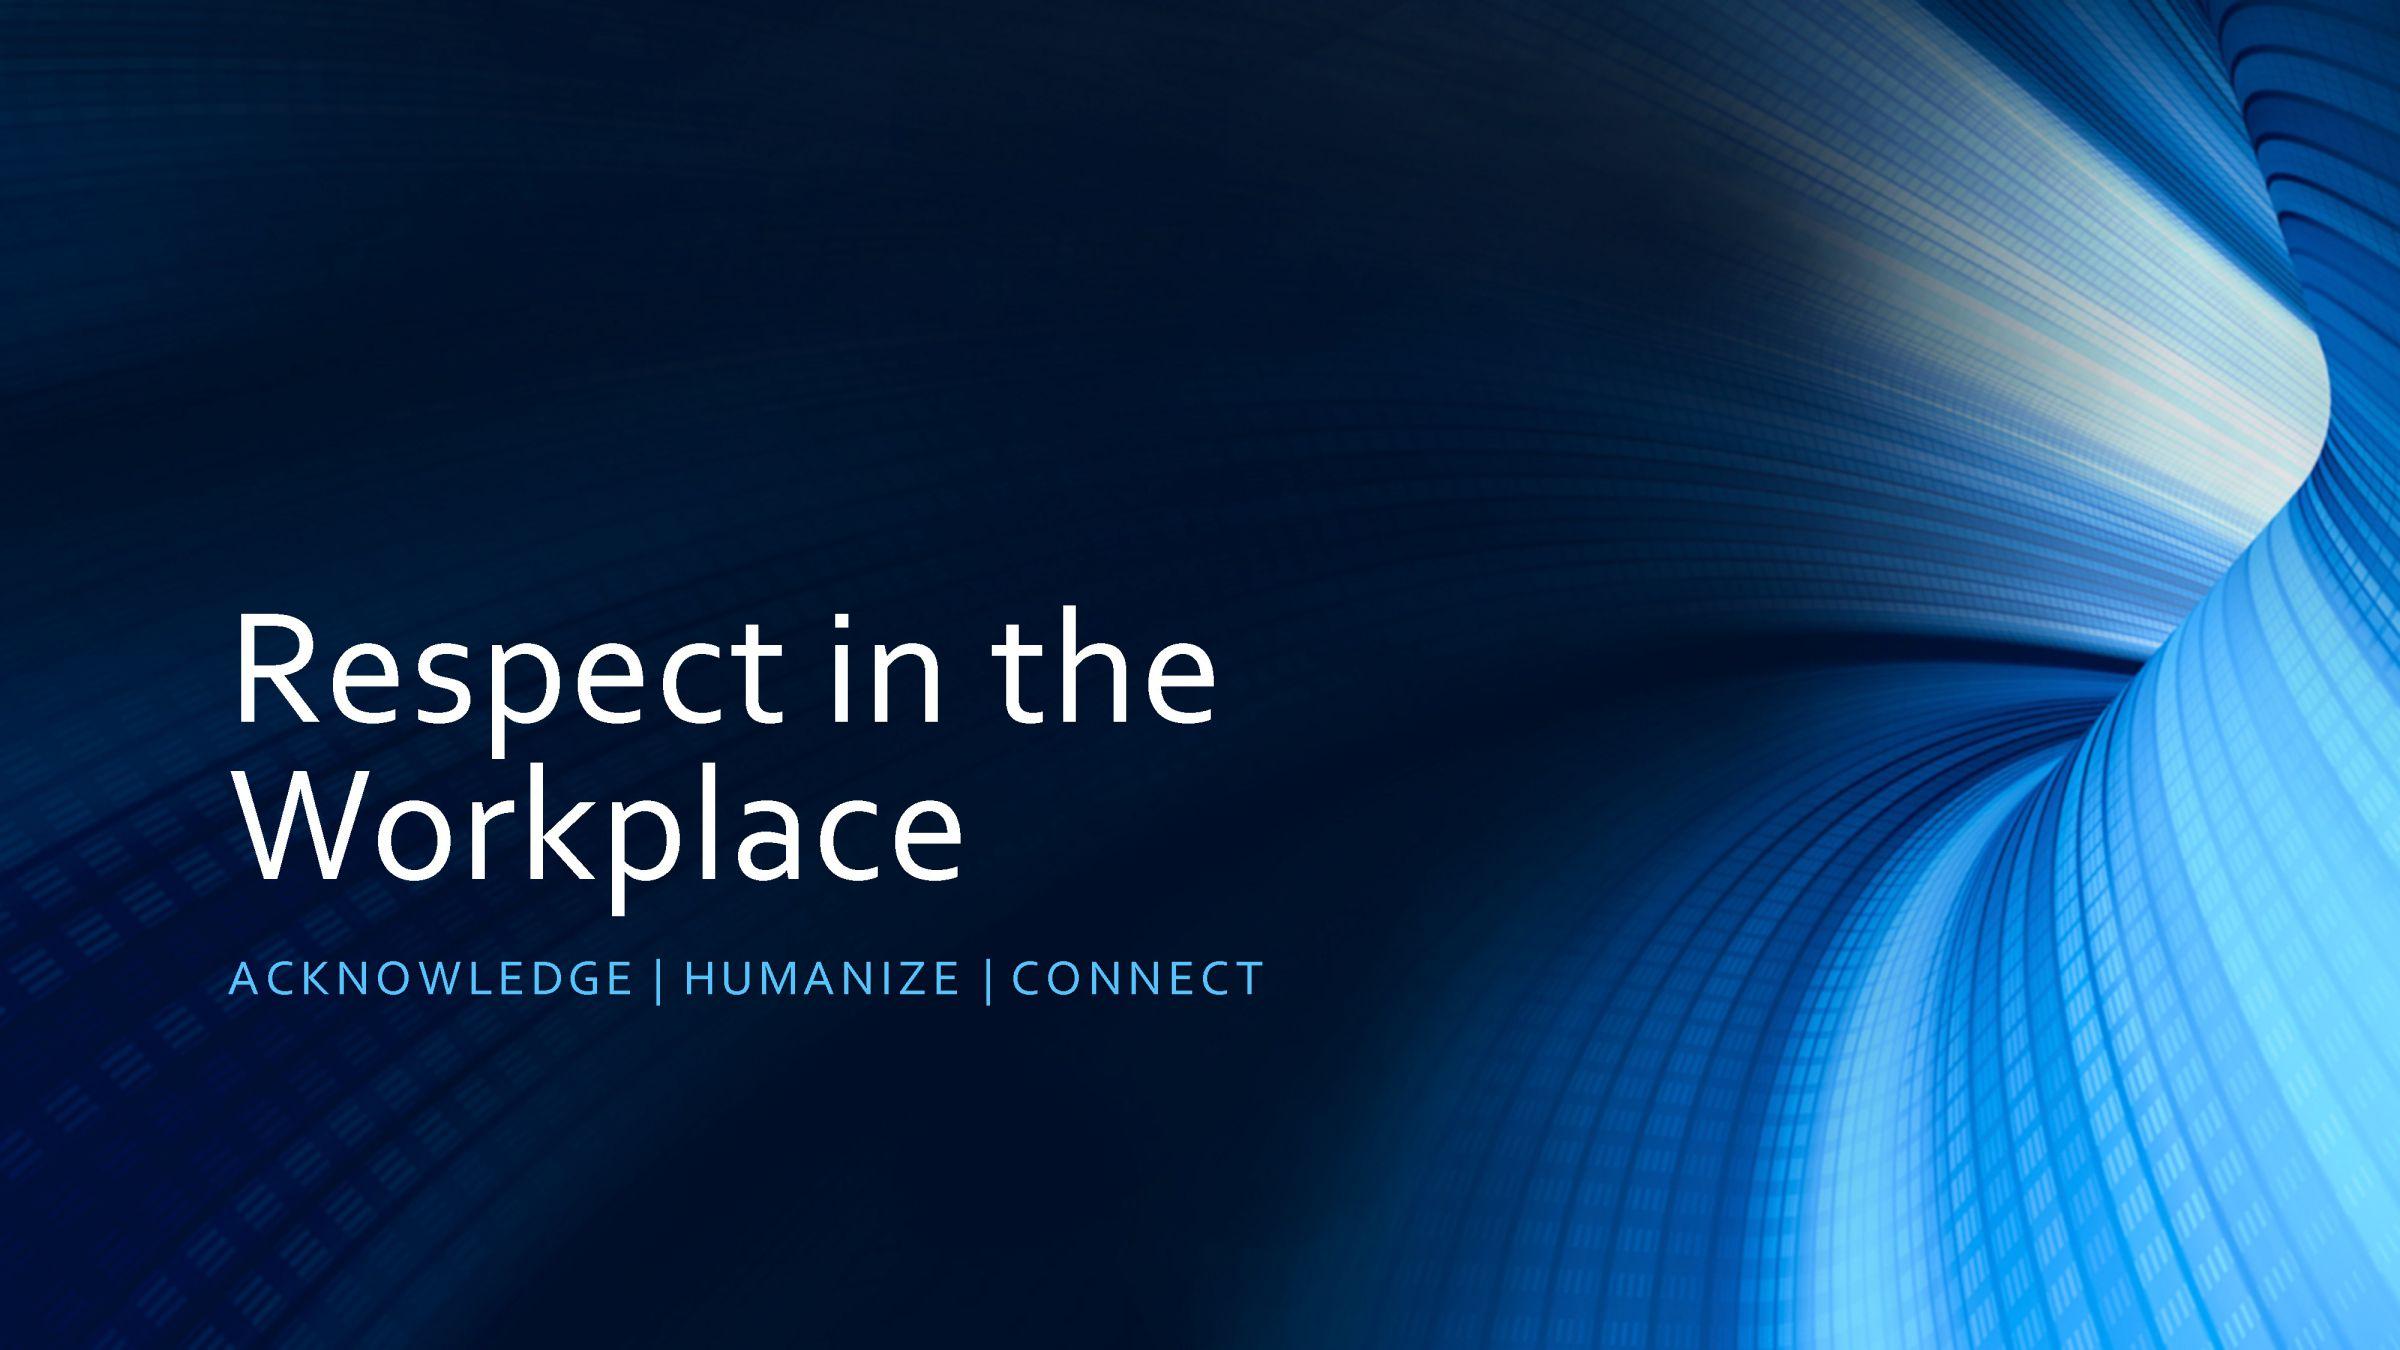 home page   executiveshowcase com